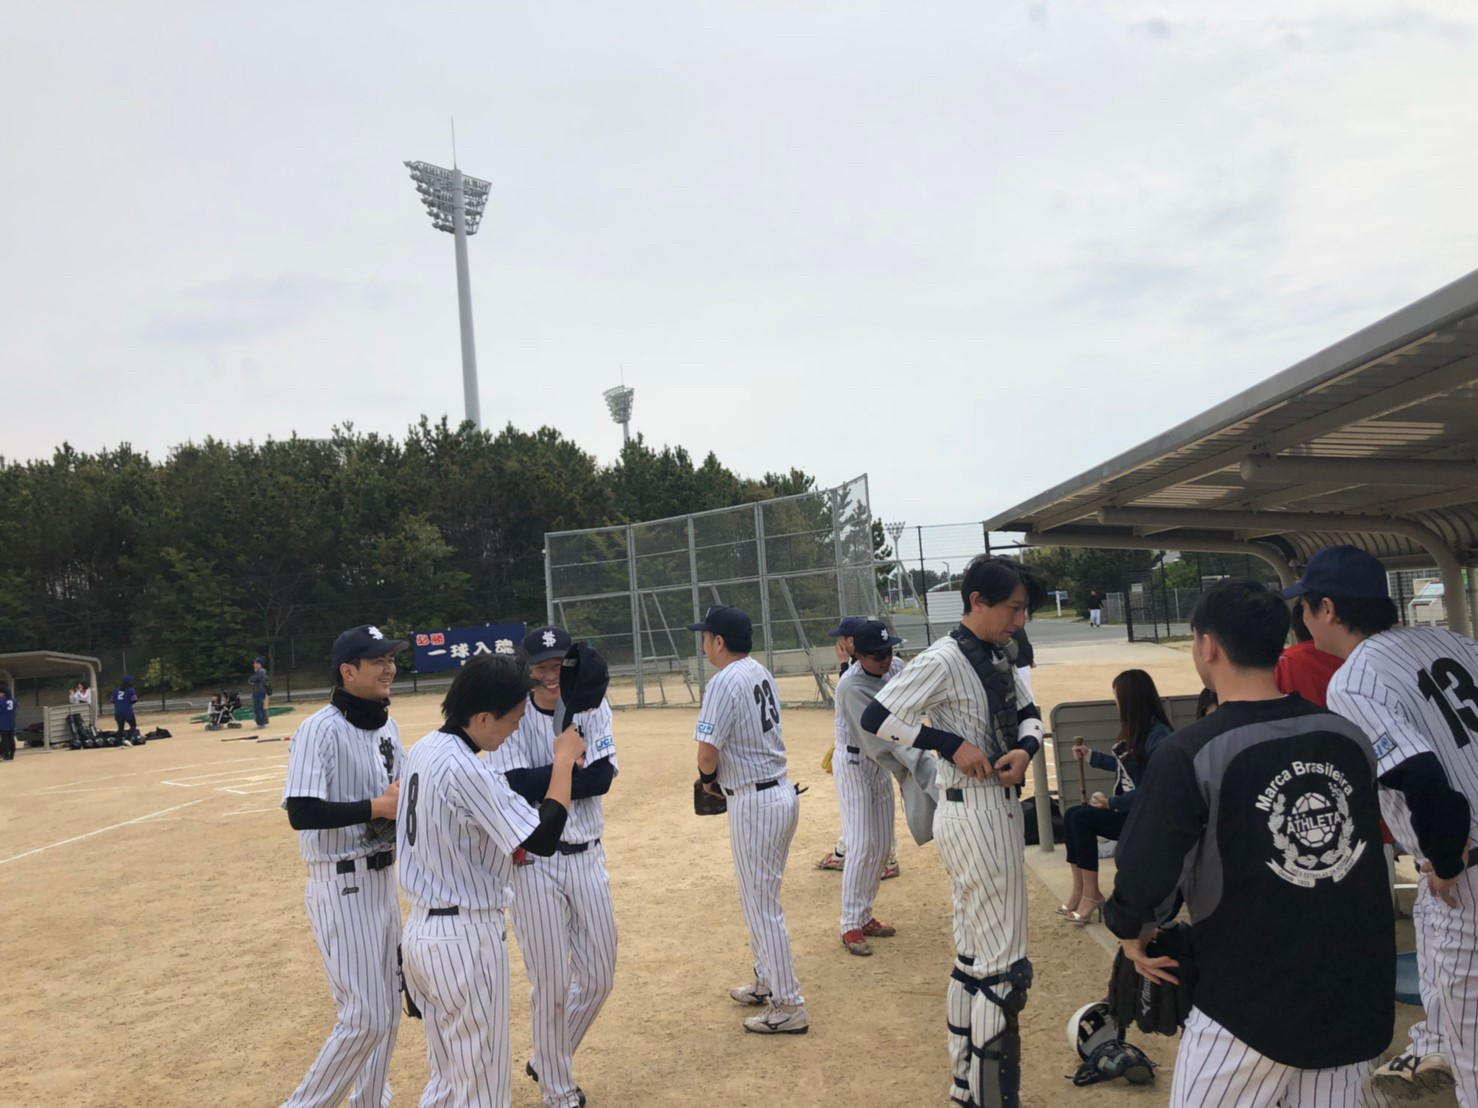 「8JC球技大会!」のサムネイル画像3